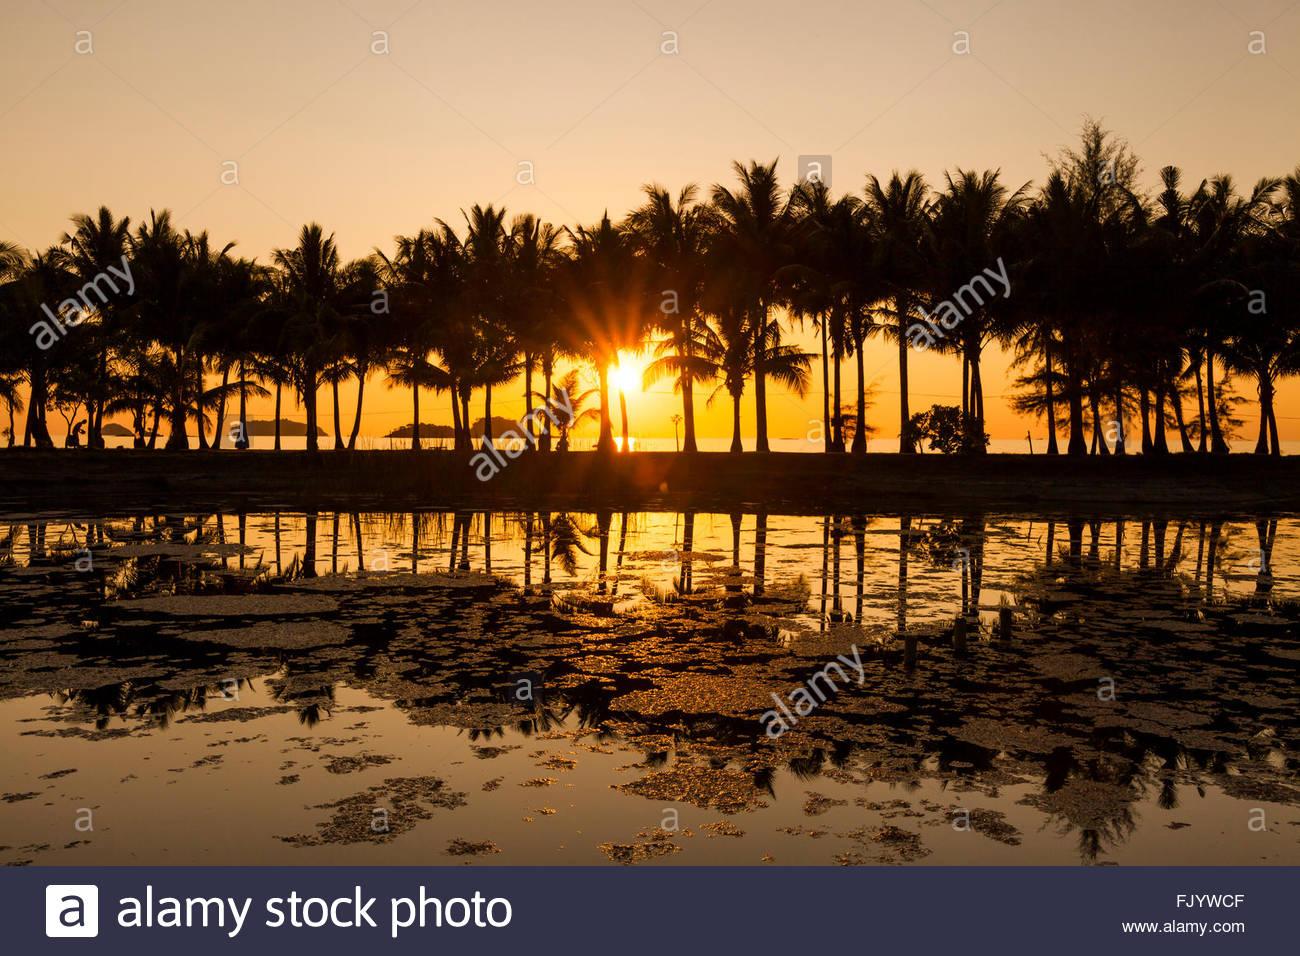 Palmen am Sandstrand der tropischen Insel. Koh Chang. Thailand. Stockbild